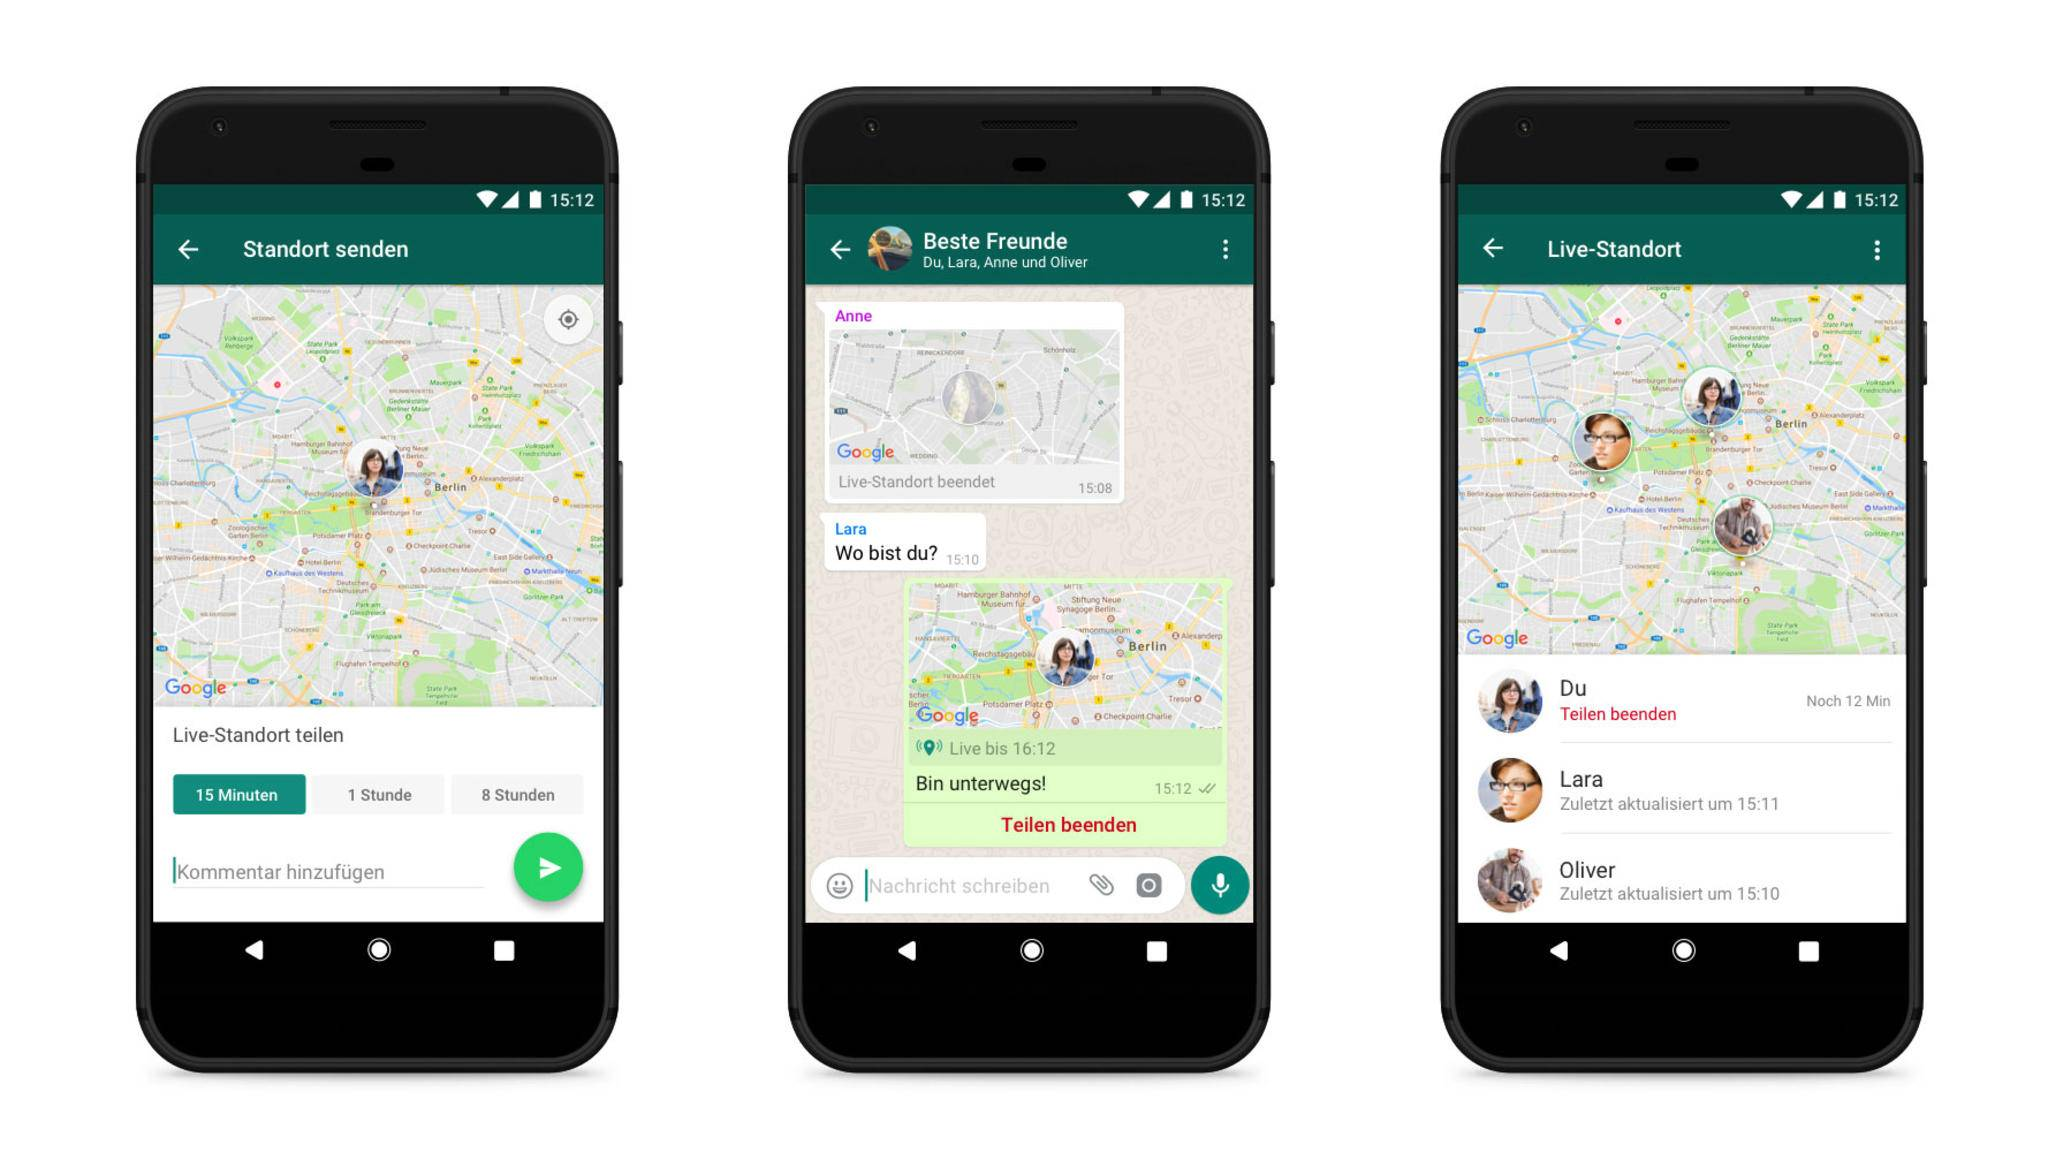 In WhatsApp kannst Du seit Herbst 2017 auch Deinen Live-Standort teilen.